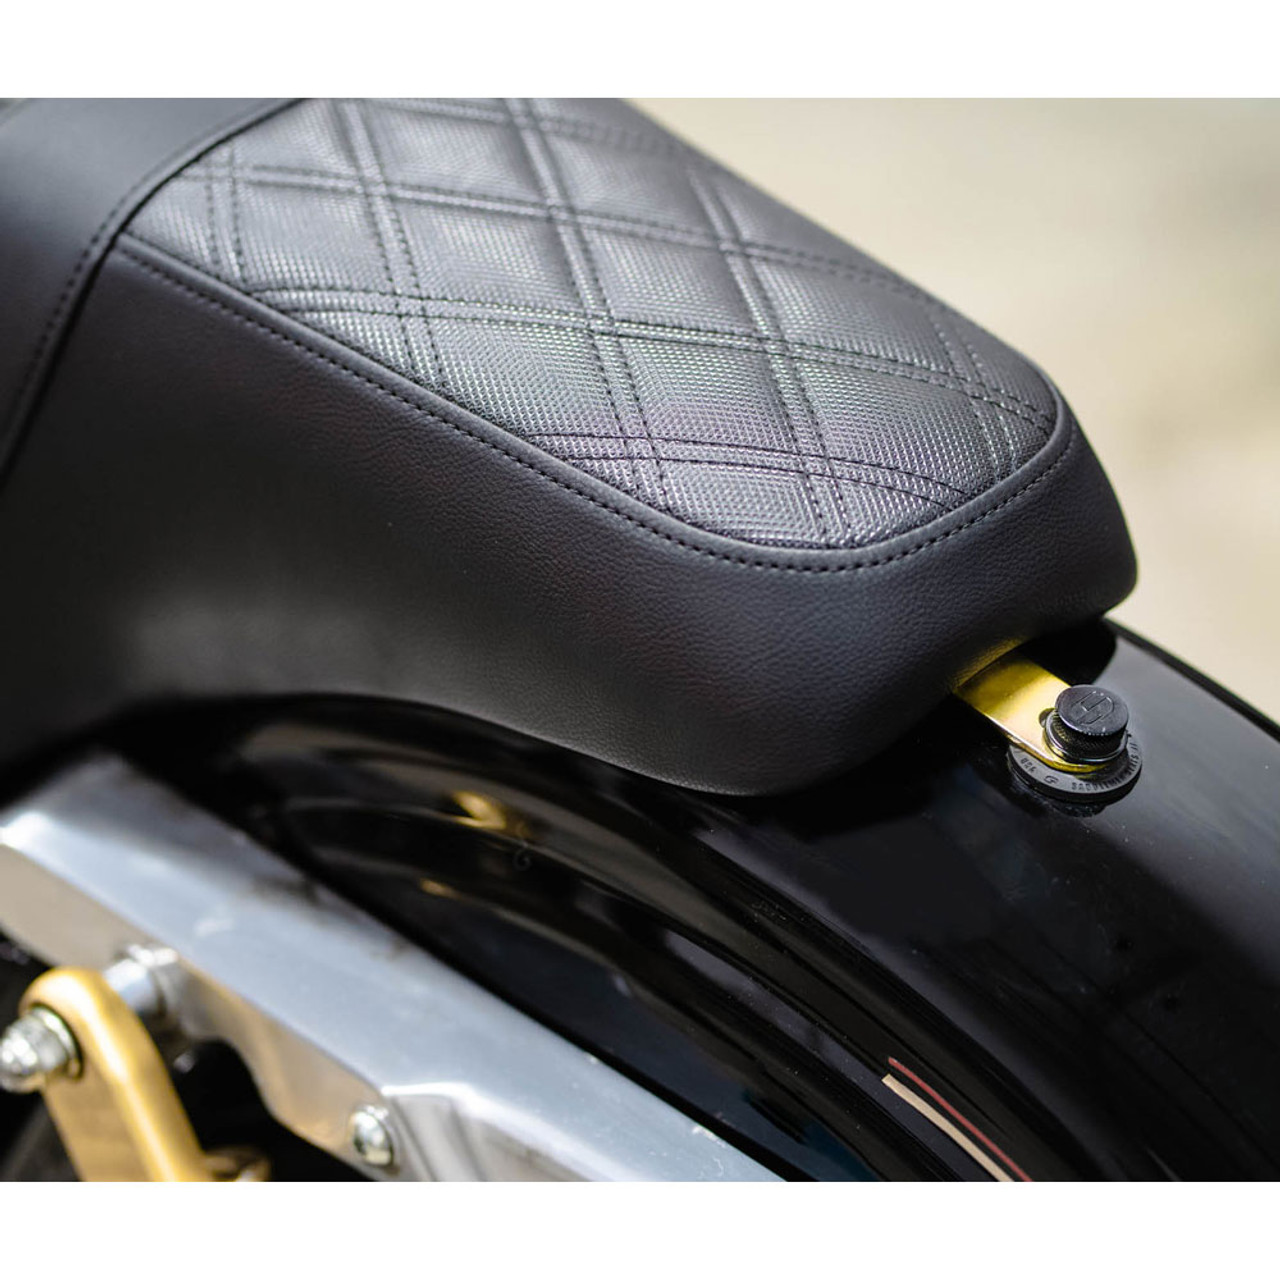 Saddlemen Seat Fender Washers